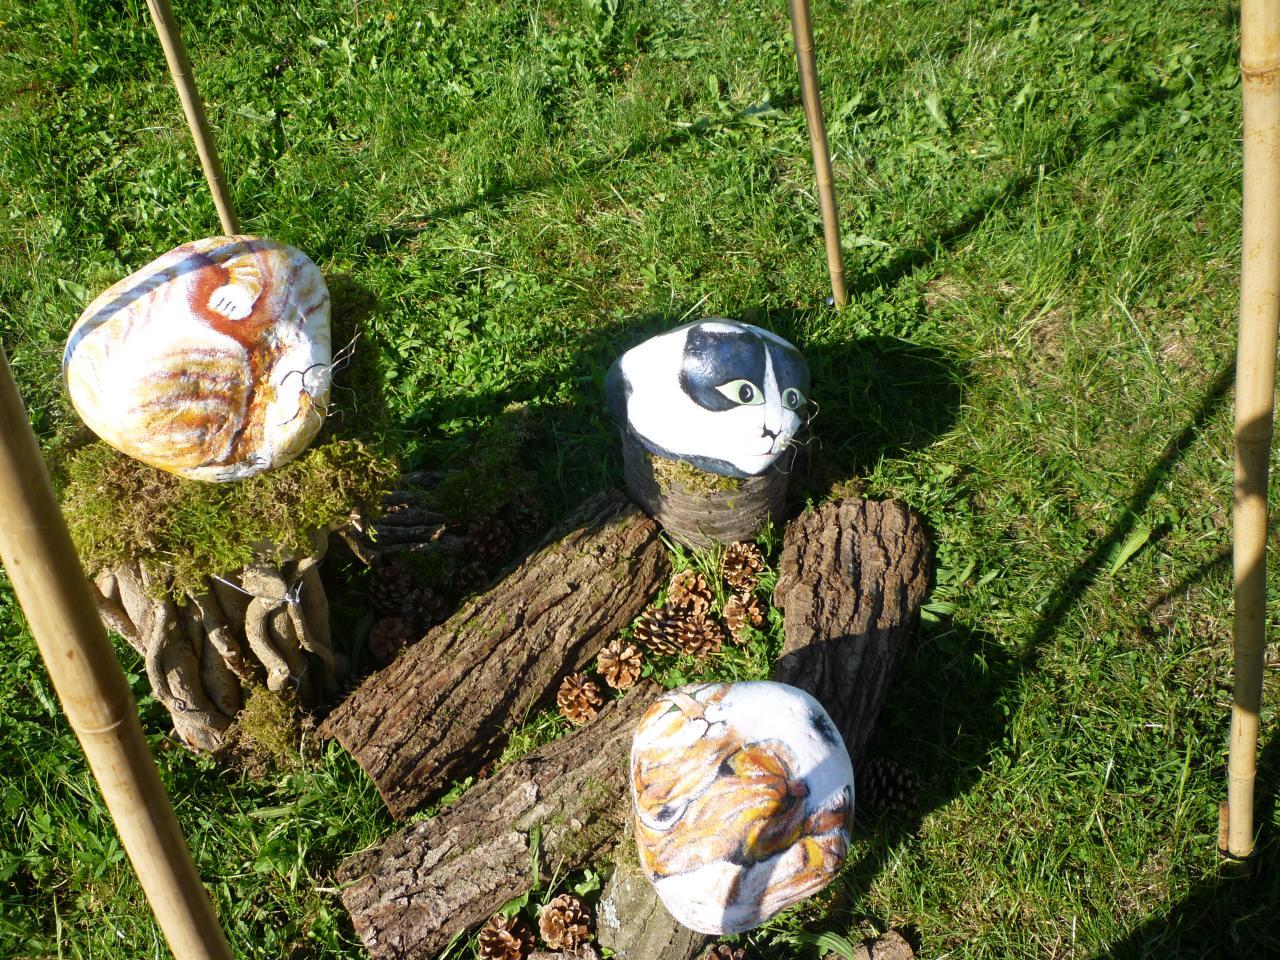 3 galets chats sur rondins de bois dans leur tipi